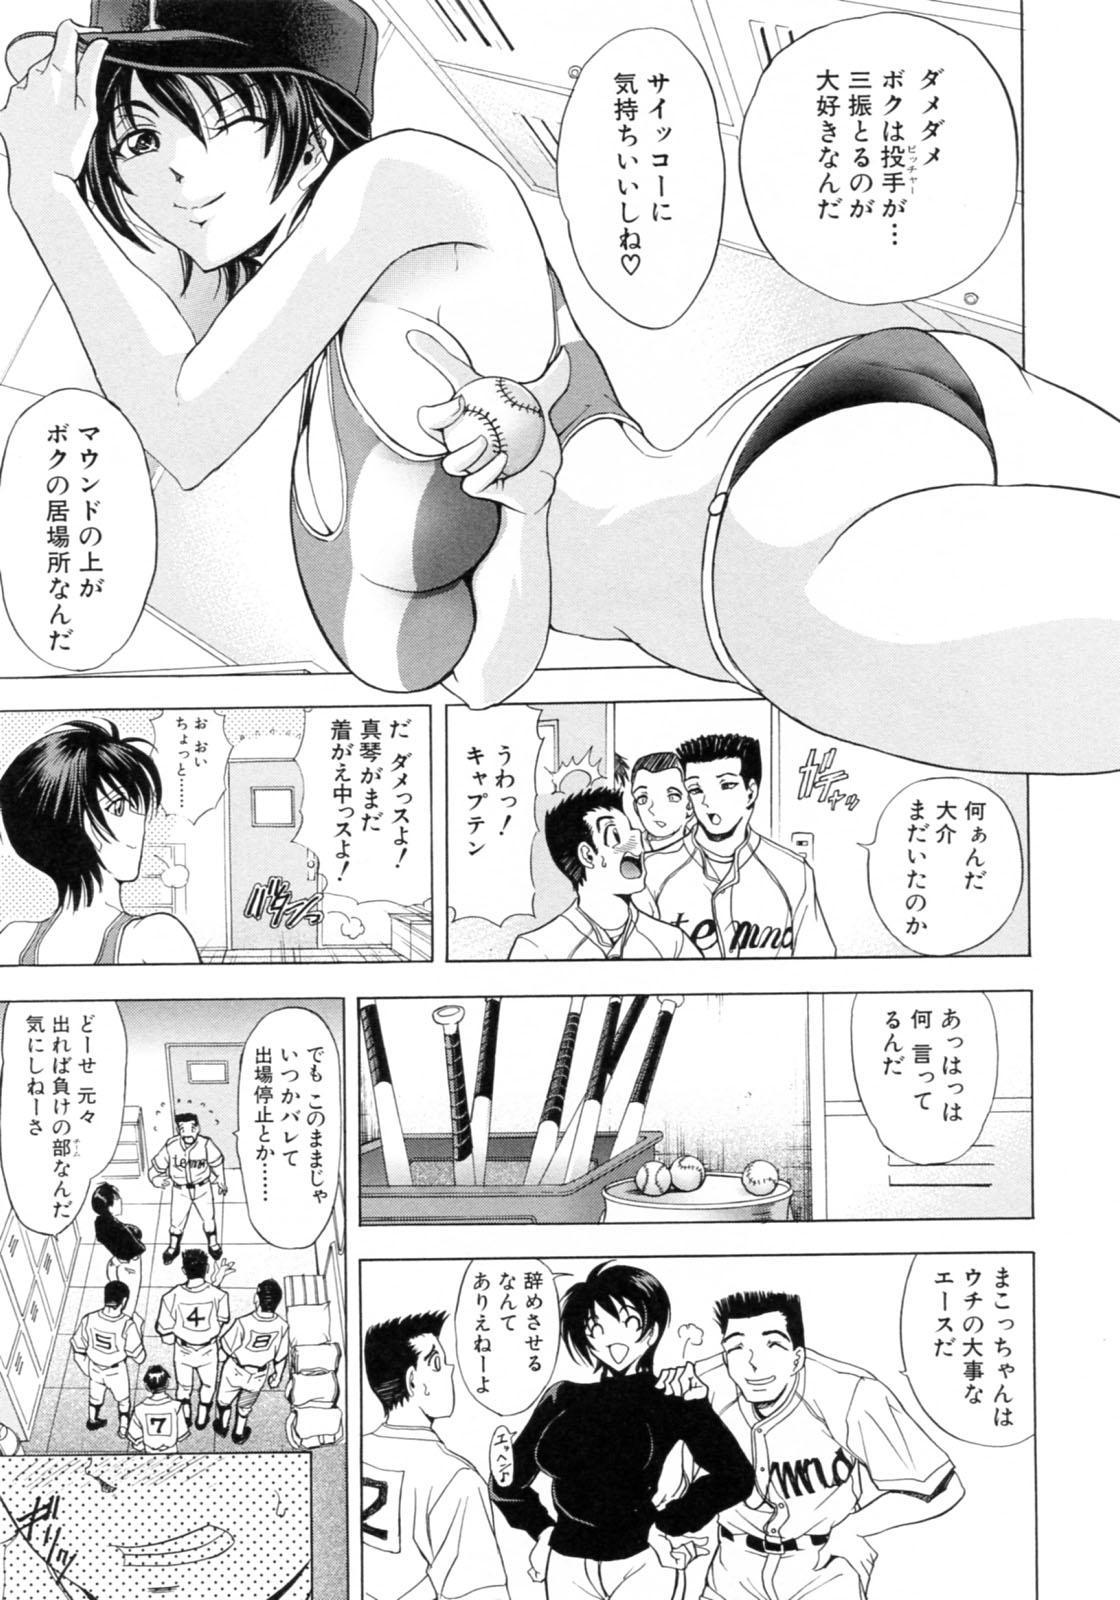 Kinsoku Shikou 164